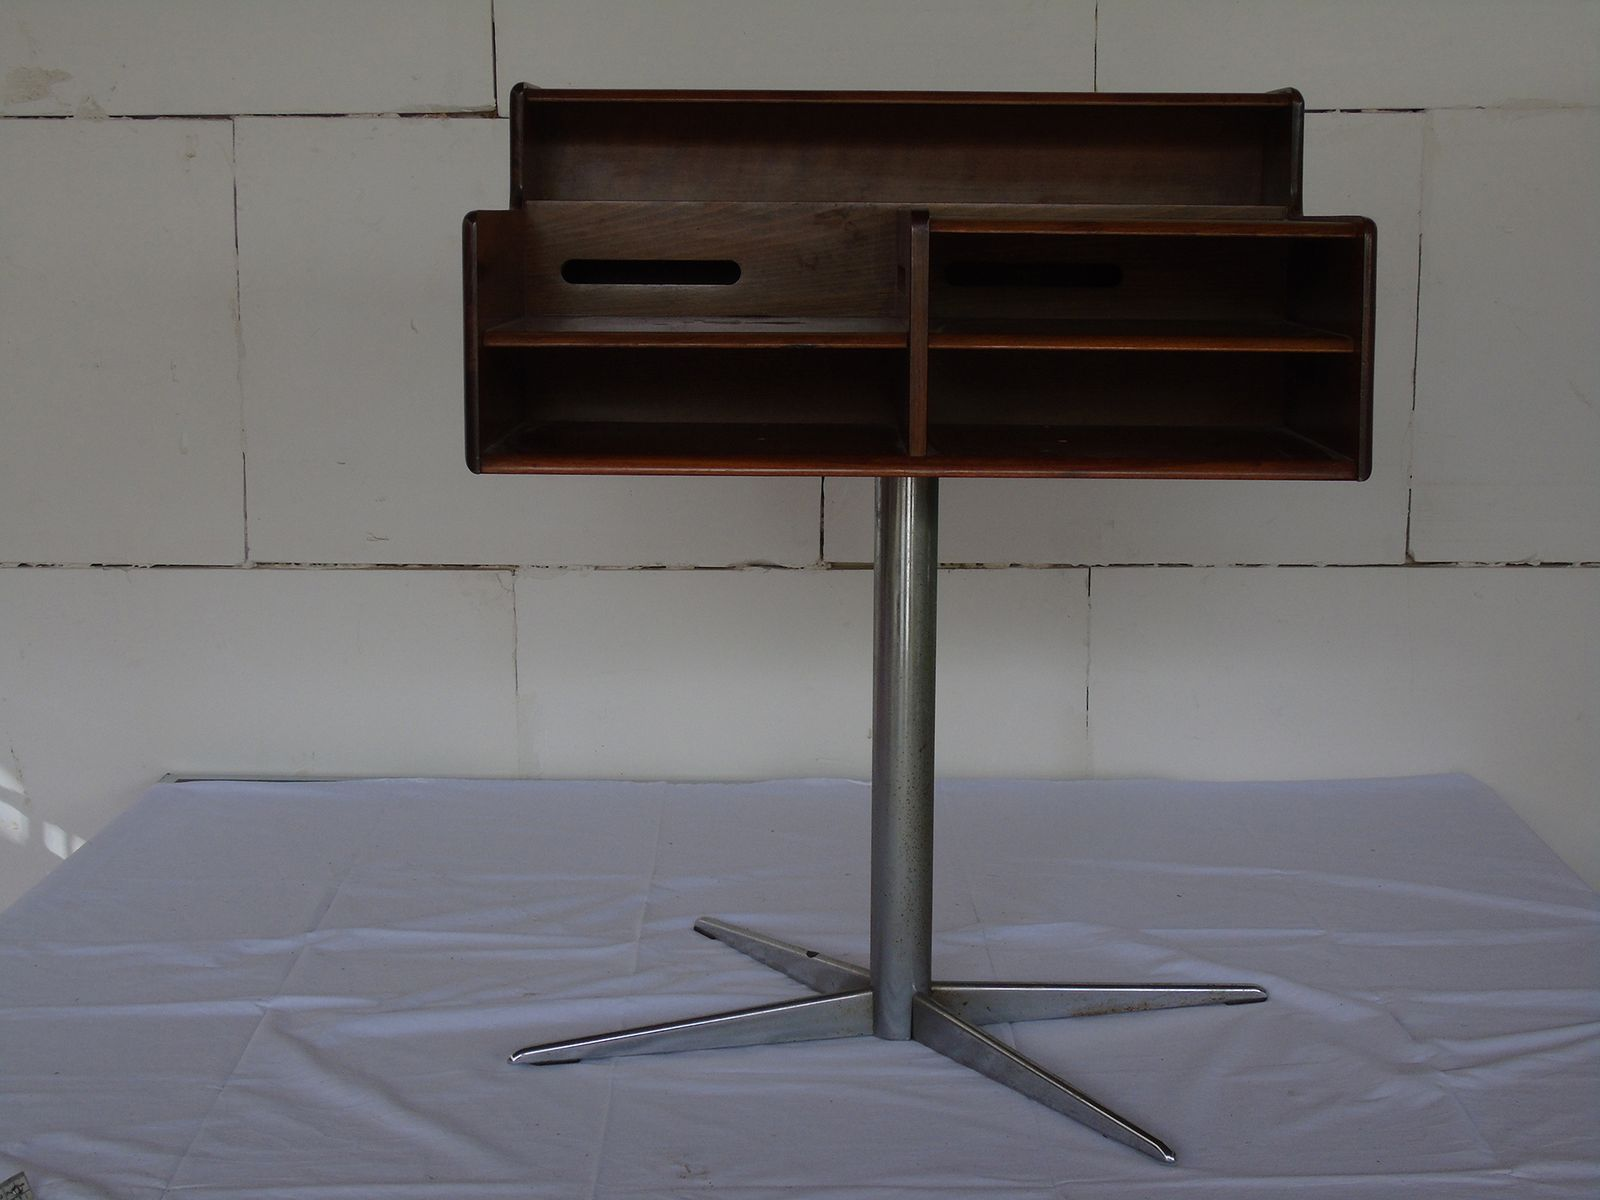 Bureau en acier bureau acier bois risueno bureau en acier